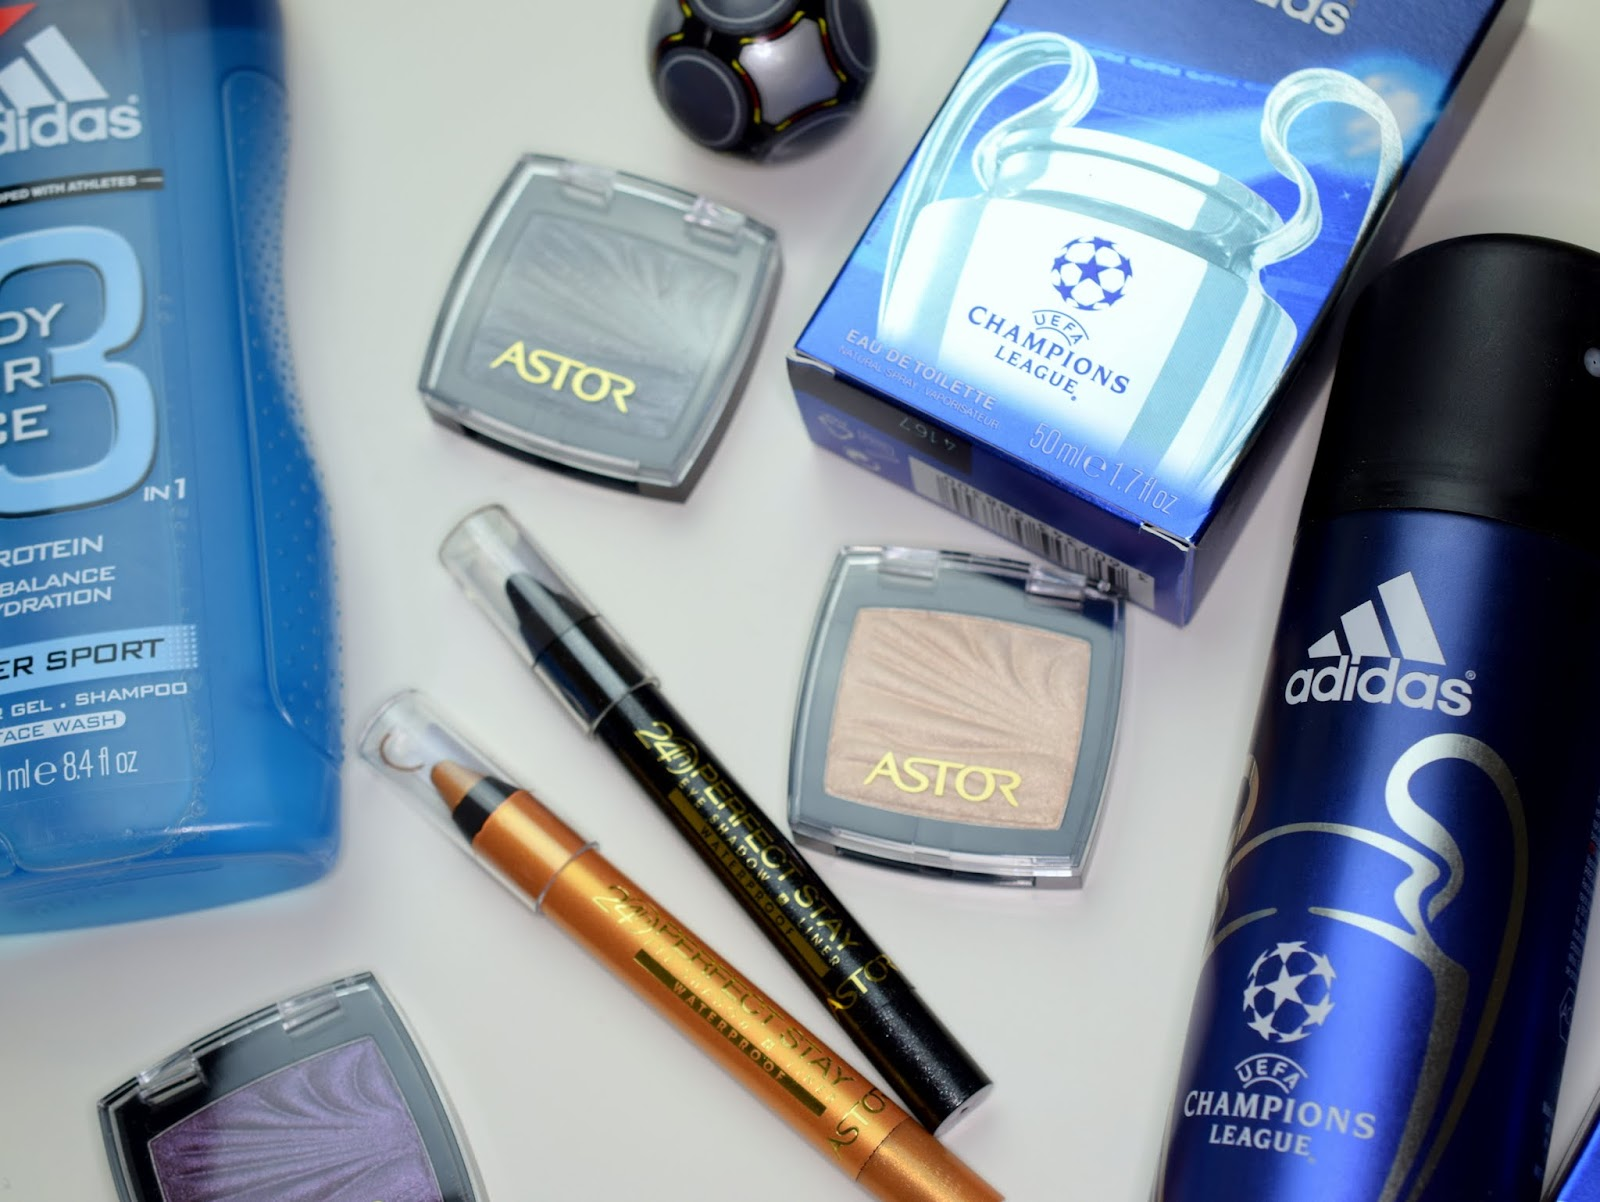 Beautypaket für Sie und Ihn - Astor Color Waves Eye Shadow und adidas Body Care